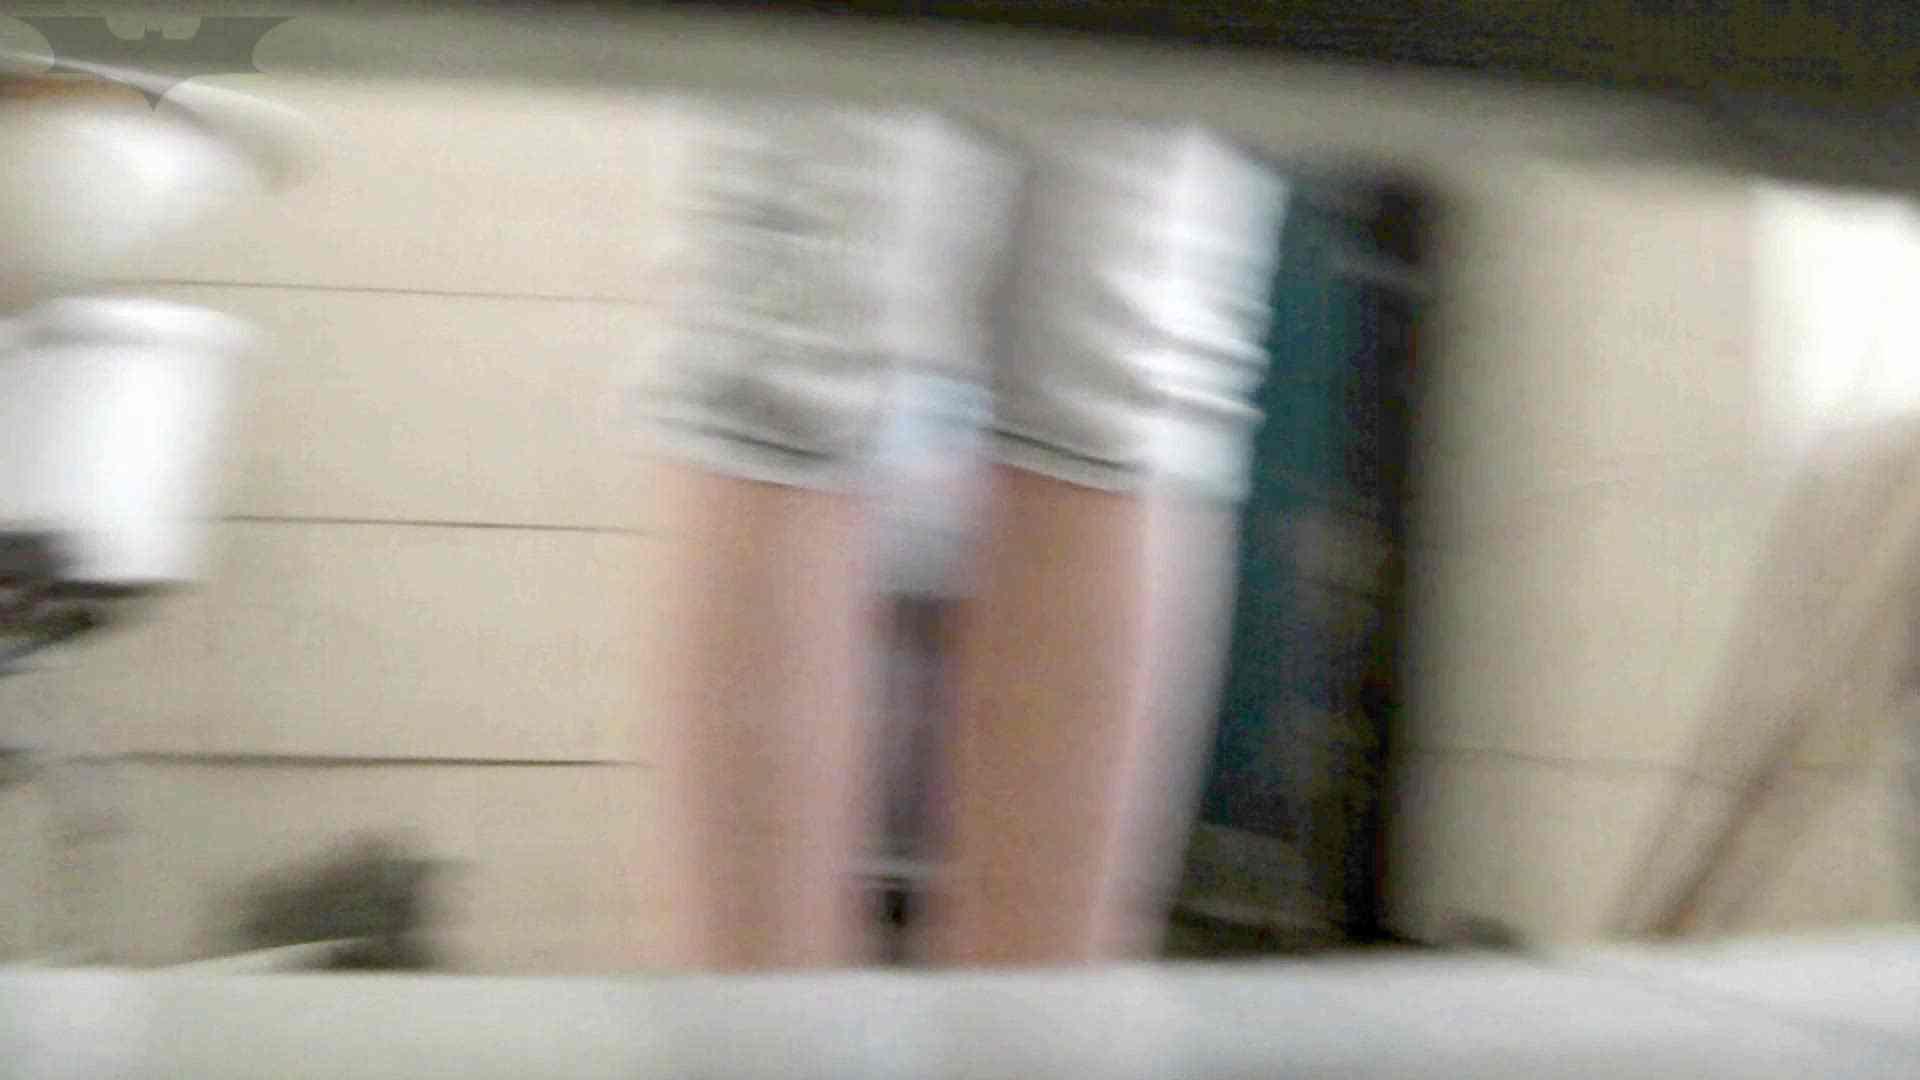 ステーション編 vol.28 無料動画に登場したモデルつい本番登場!! 高画質 アダルト動画キャプチャ 99枚 53